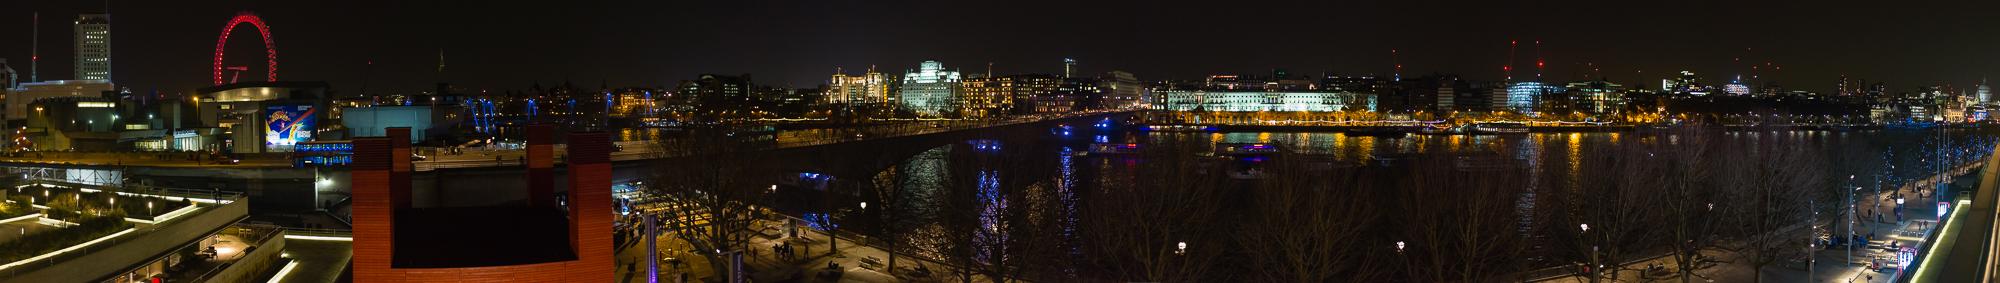 Londres por la noche.